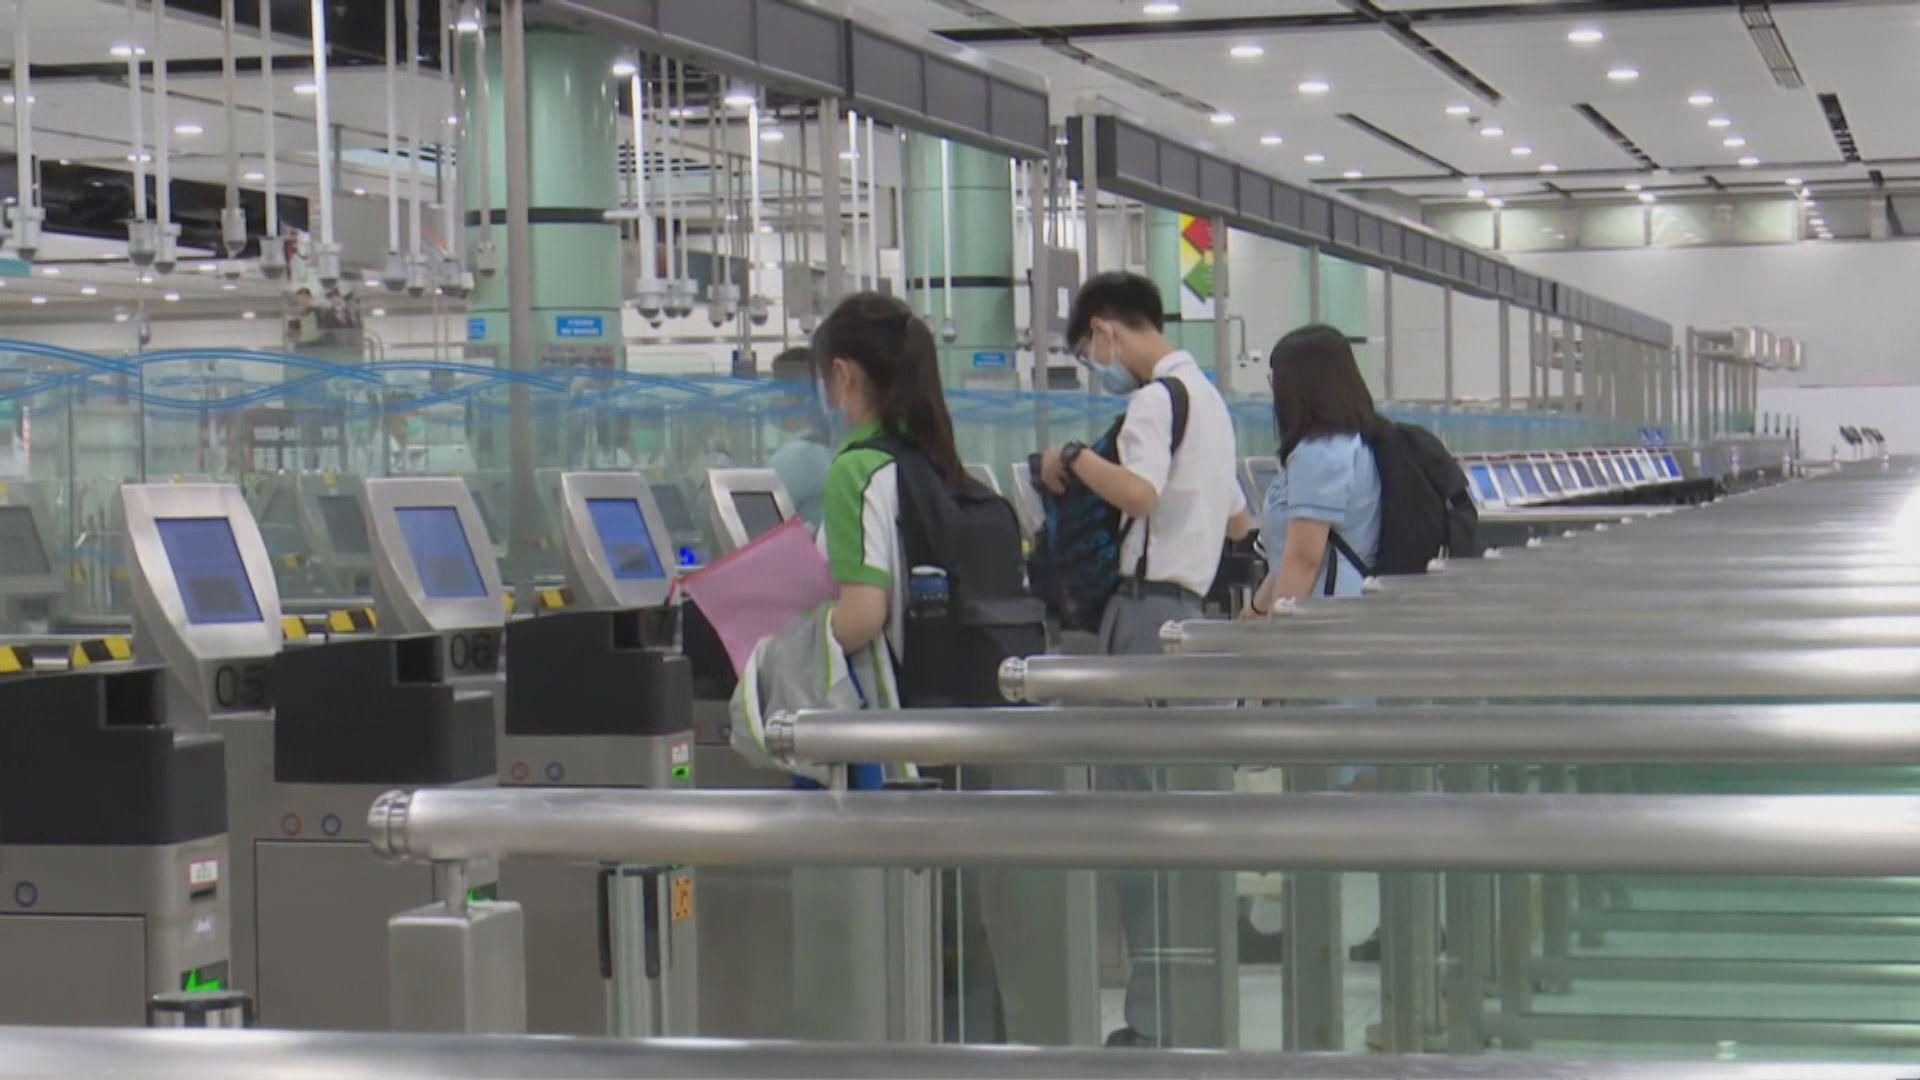 楊潤雄:仍未有確實時間安排跨境學生回港上課